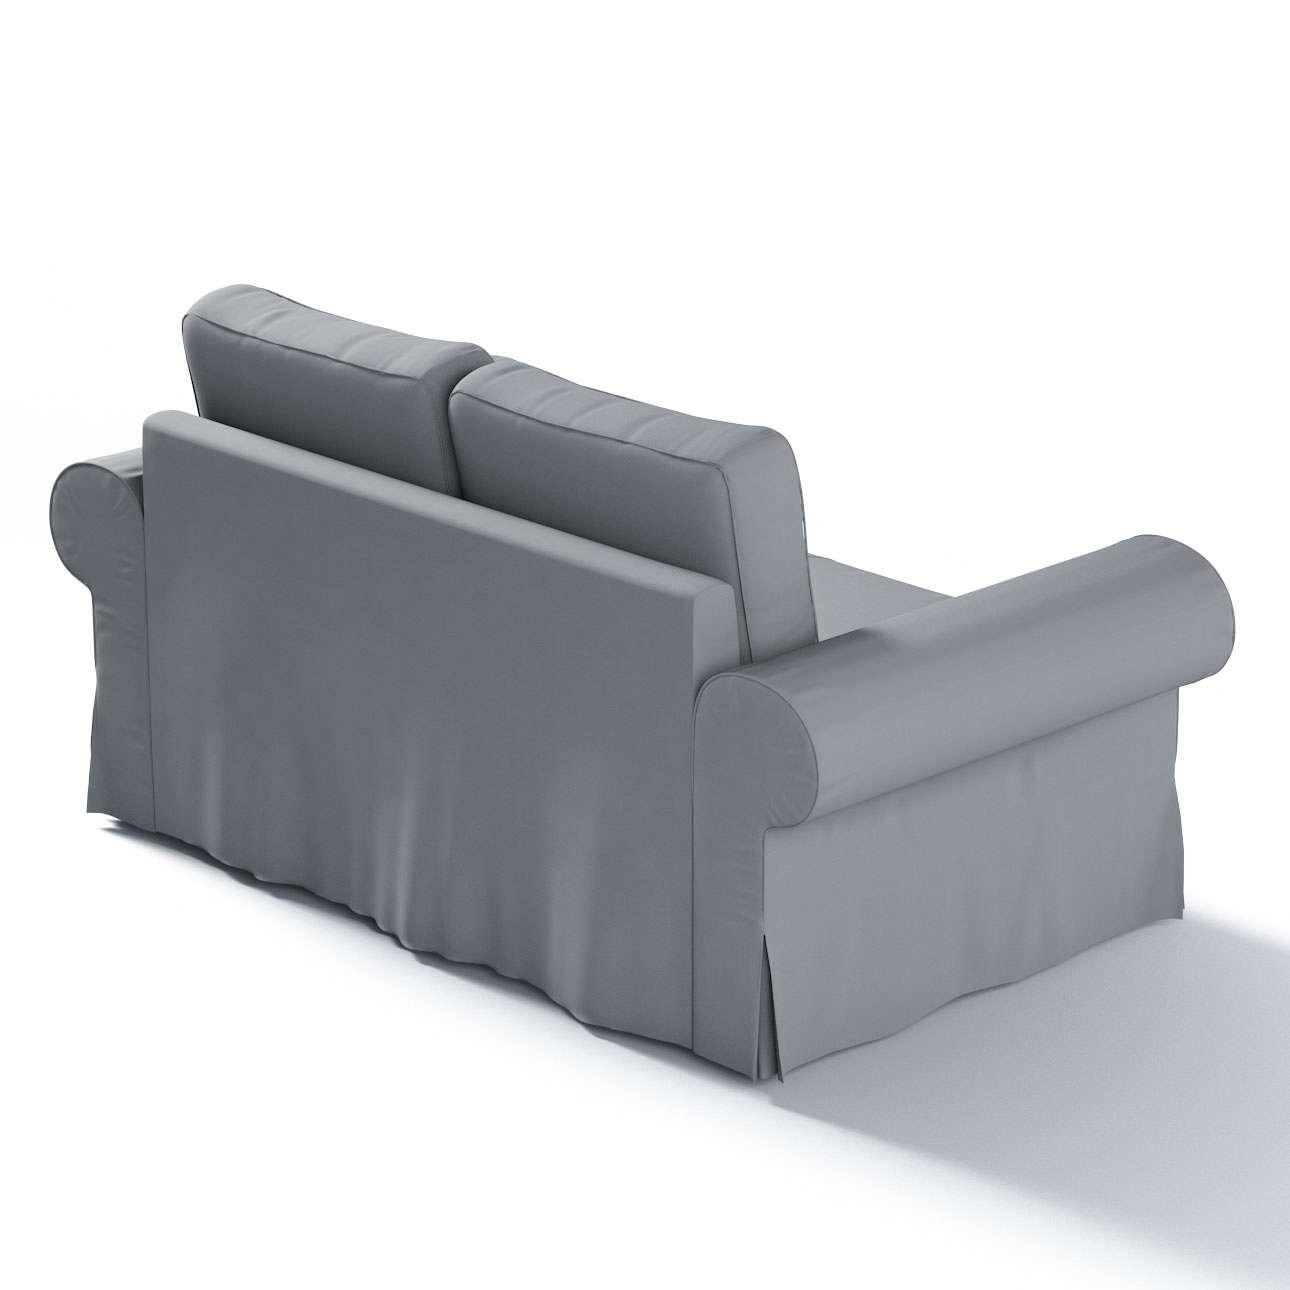 Pokrowiec na sofę Backabro 2-osobową rozkładaną sofa Backabro 2-osobowa rozkładana w kolekcji Cotton Panama, tkanina: 702-07